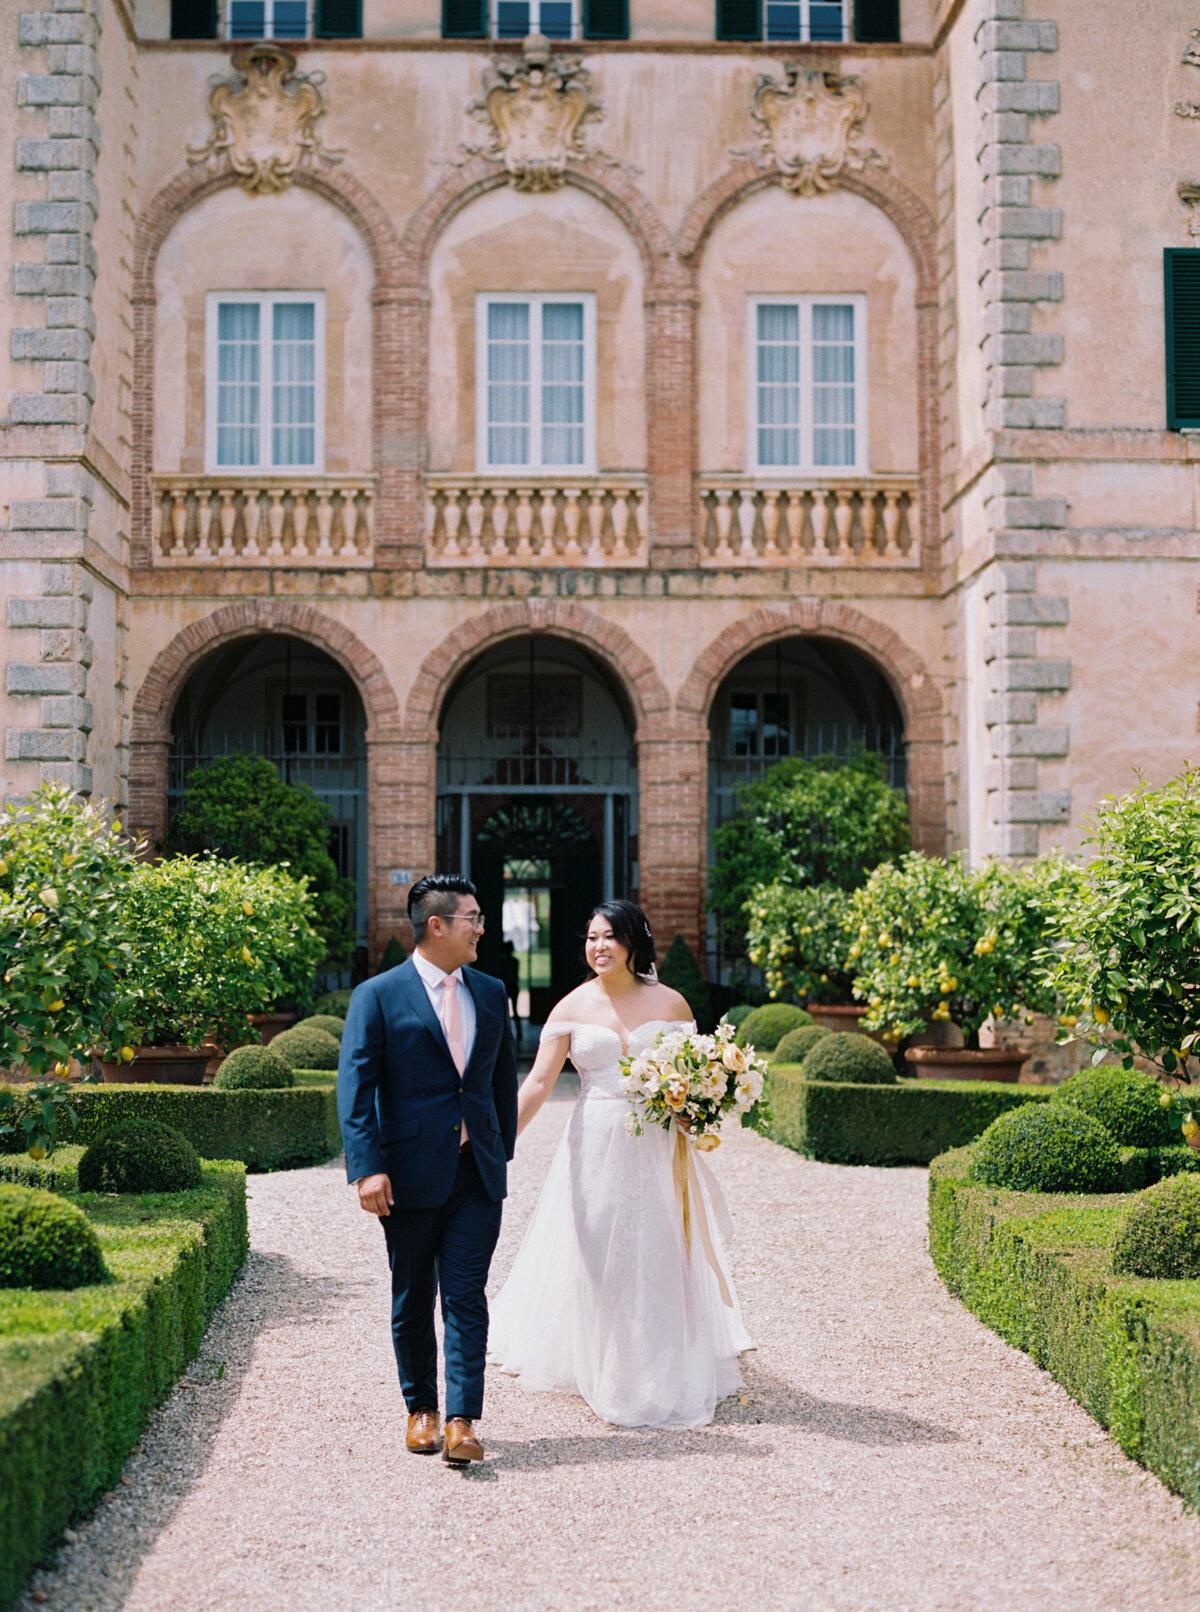 Villa-Cetinale-Tuscany-Katie-Grant-destination-wedding (41 of 115).jpg